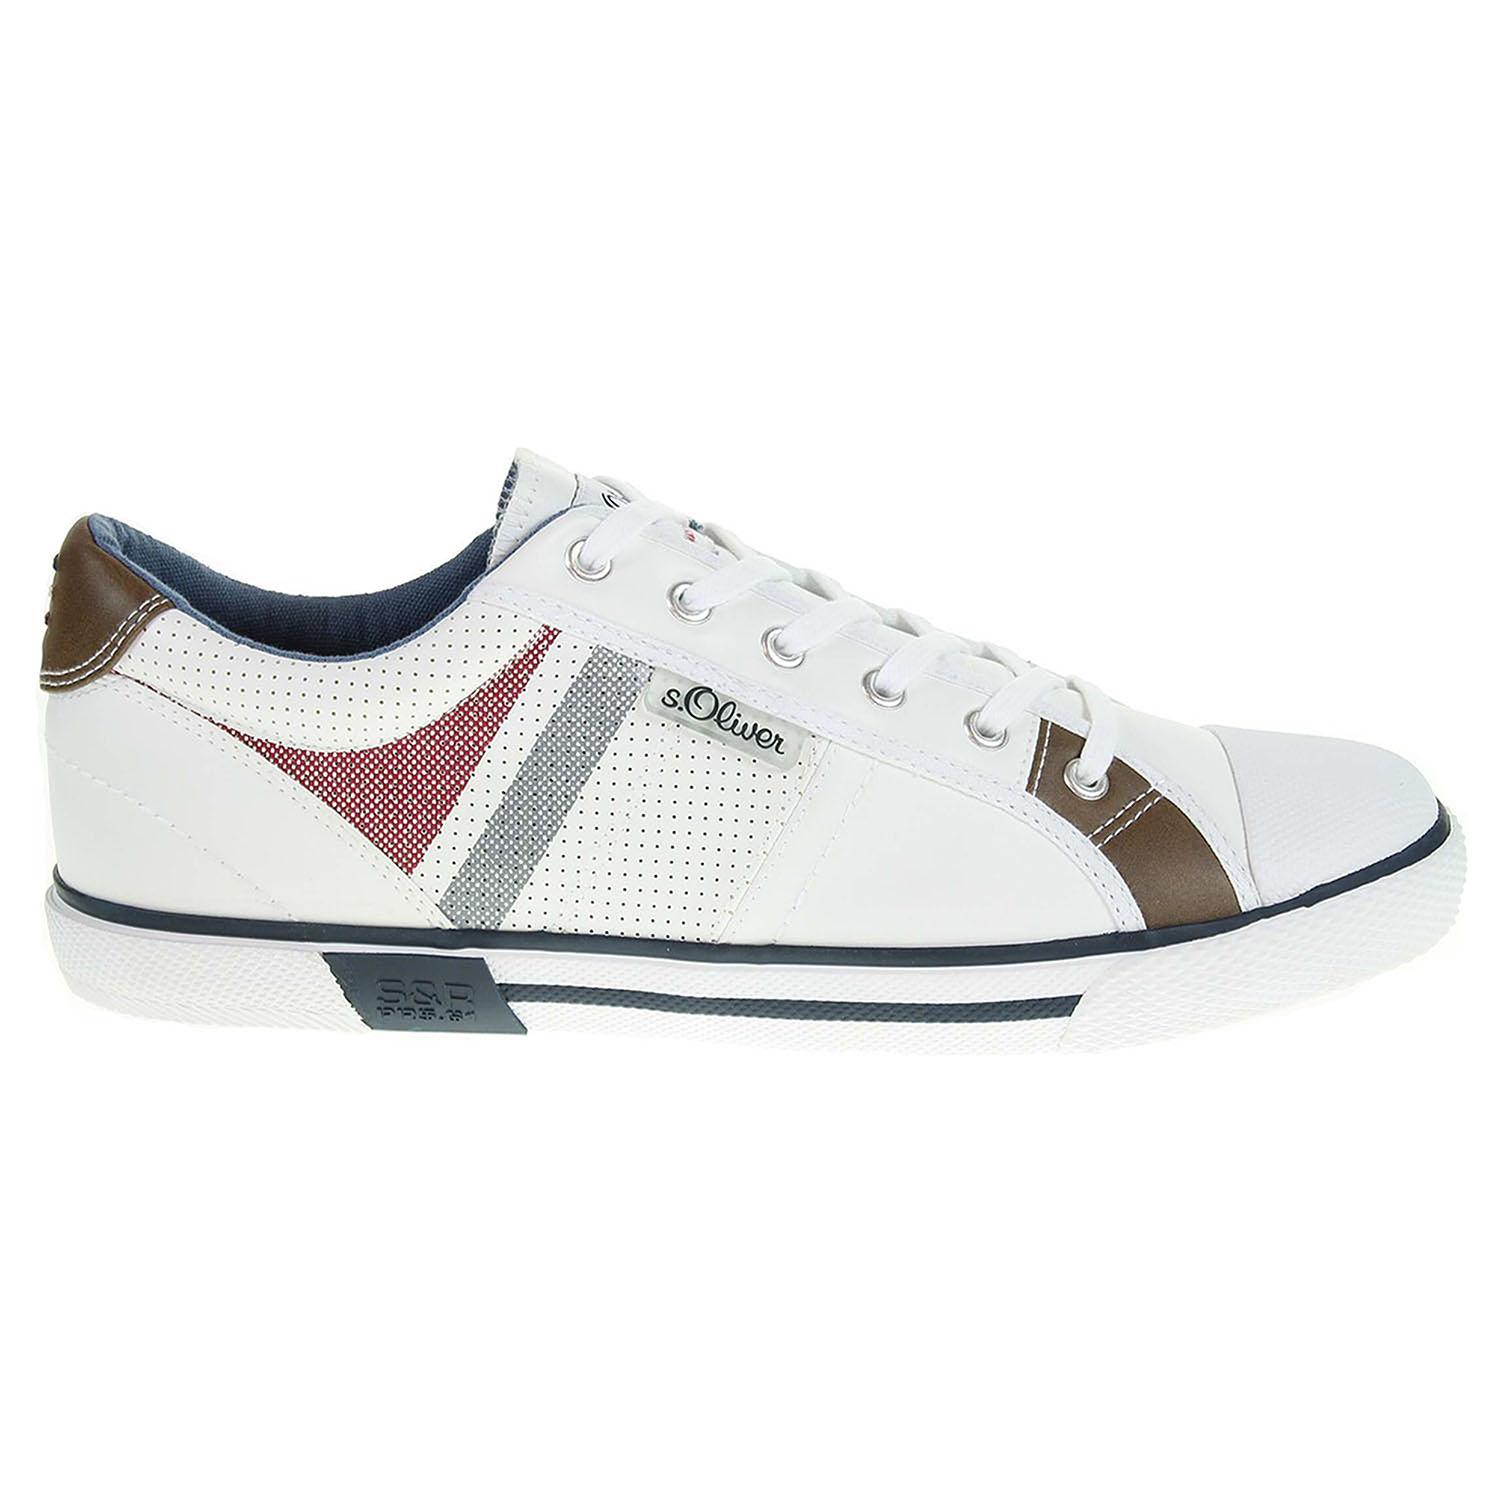 Ecco s.Oliver pánská obuv 5-13622-38 bílá 24000411